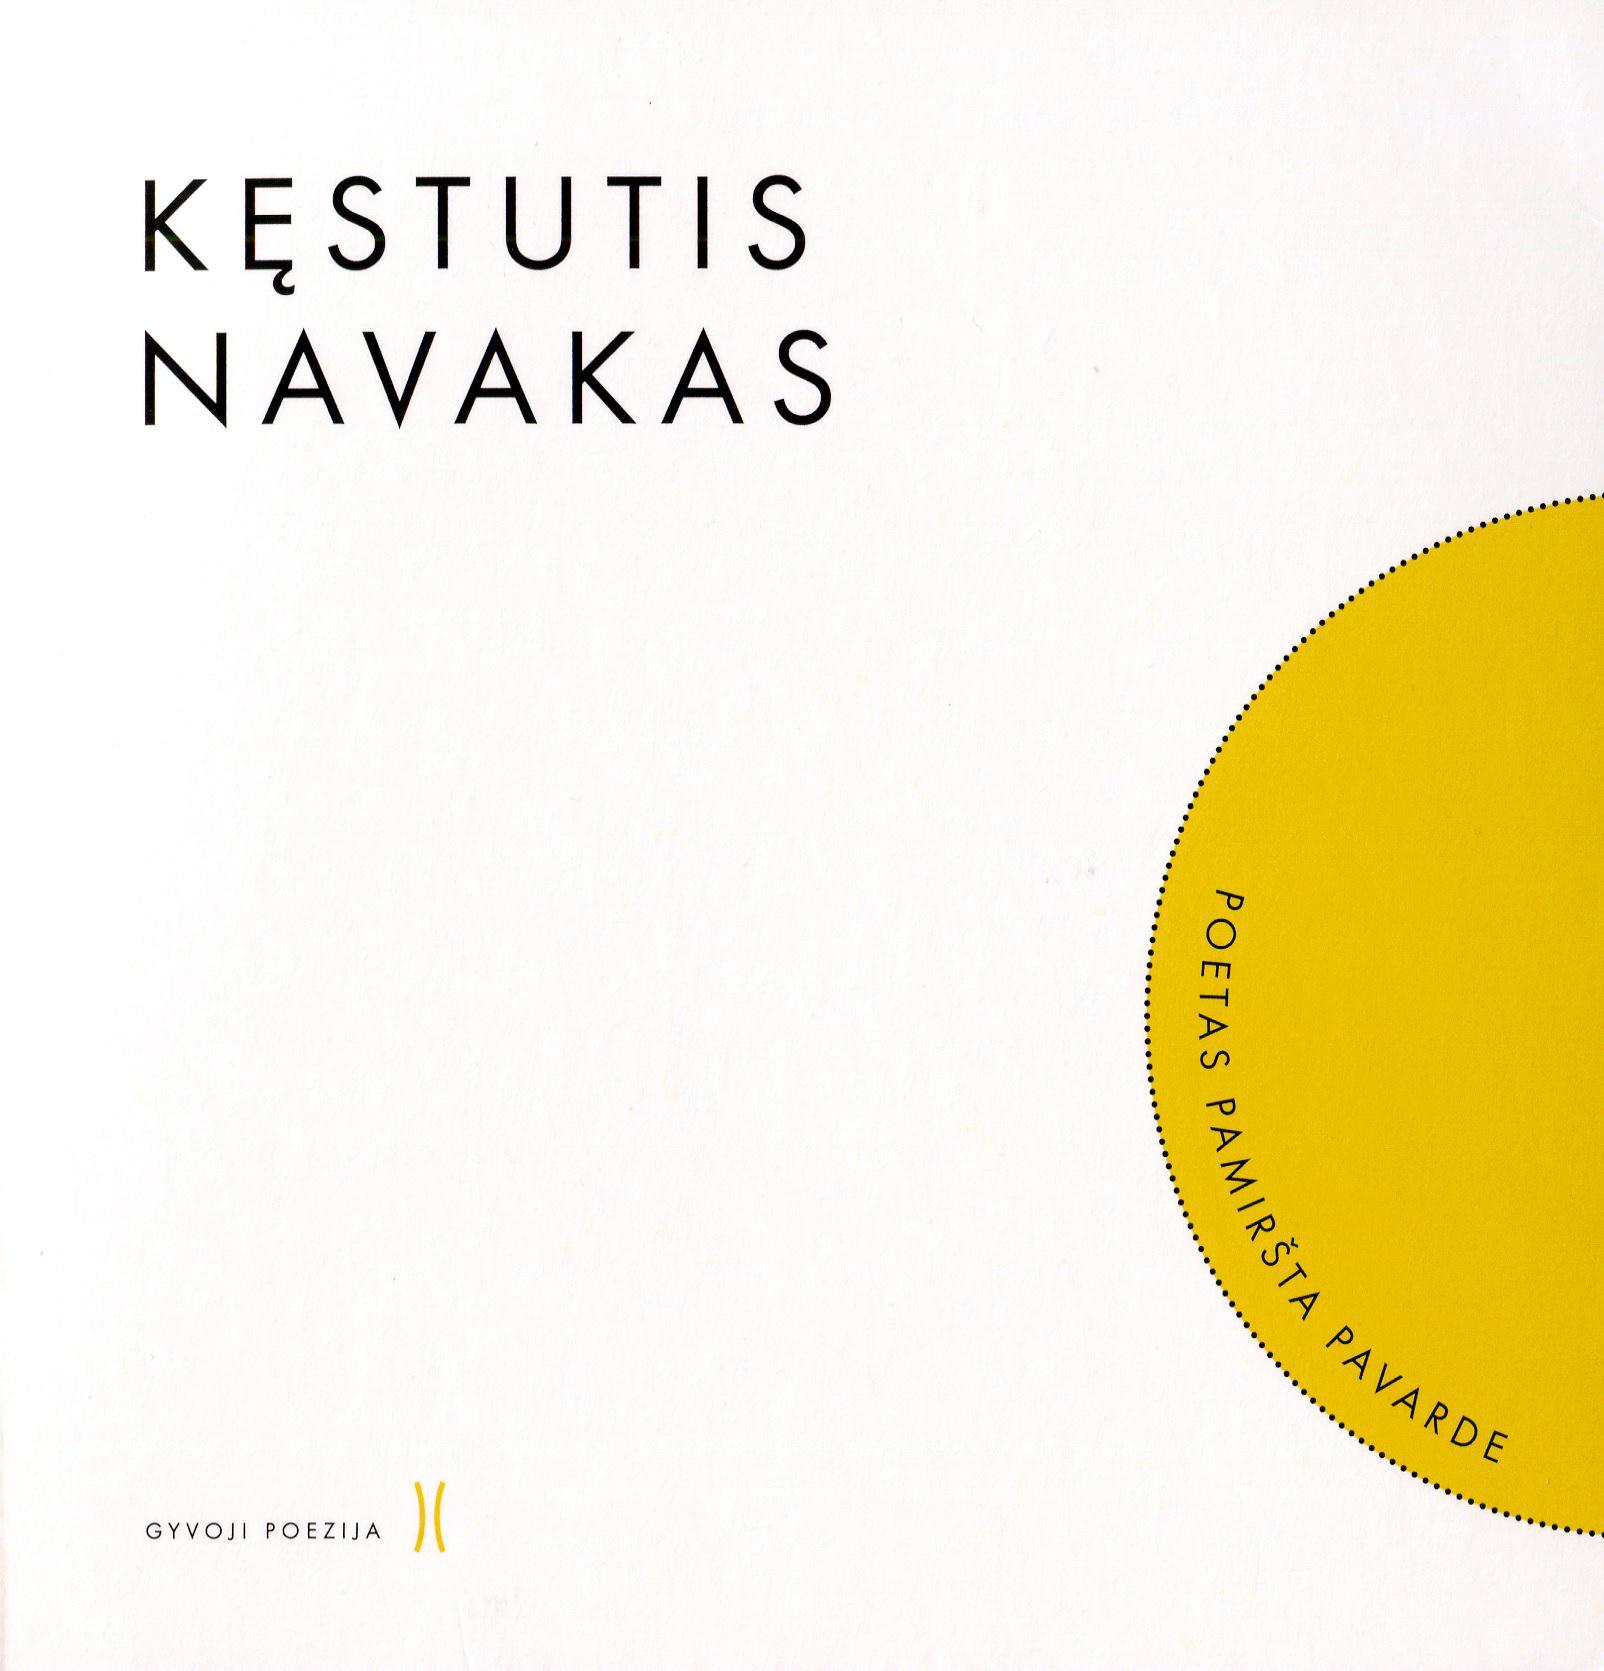 """Kęstutis Navakas. """"Poetas pamiršta pavarde"""". Sud. Virginija Cibarauskė (Vilnius: Lietuvių literatūros ir tautosakos institutas, 2019)"""